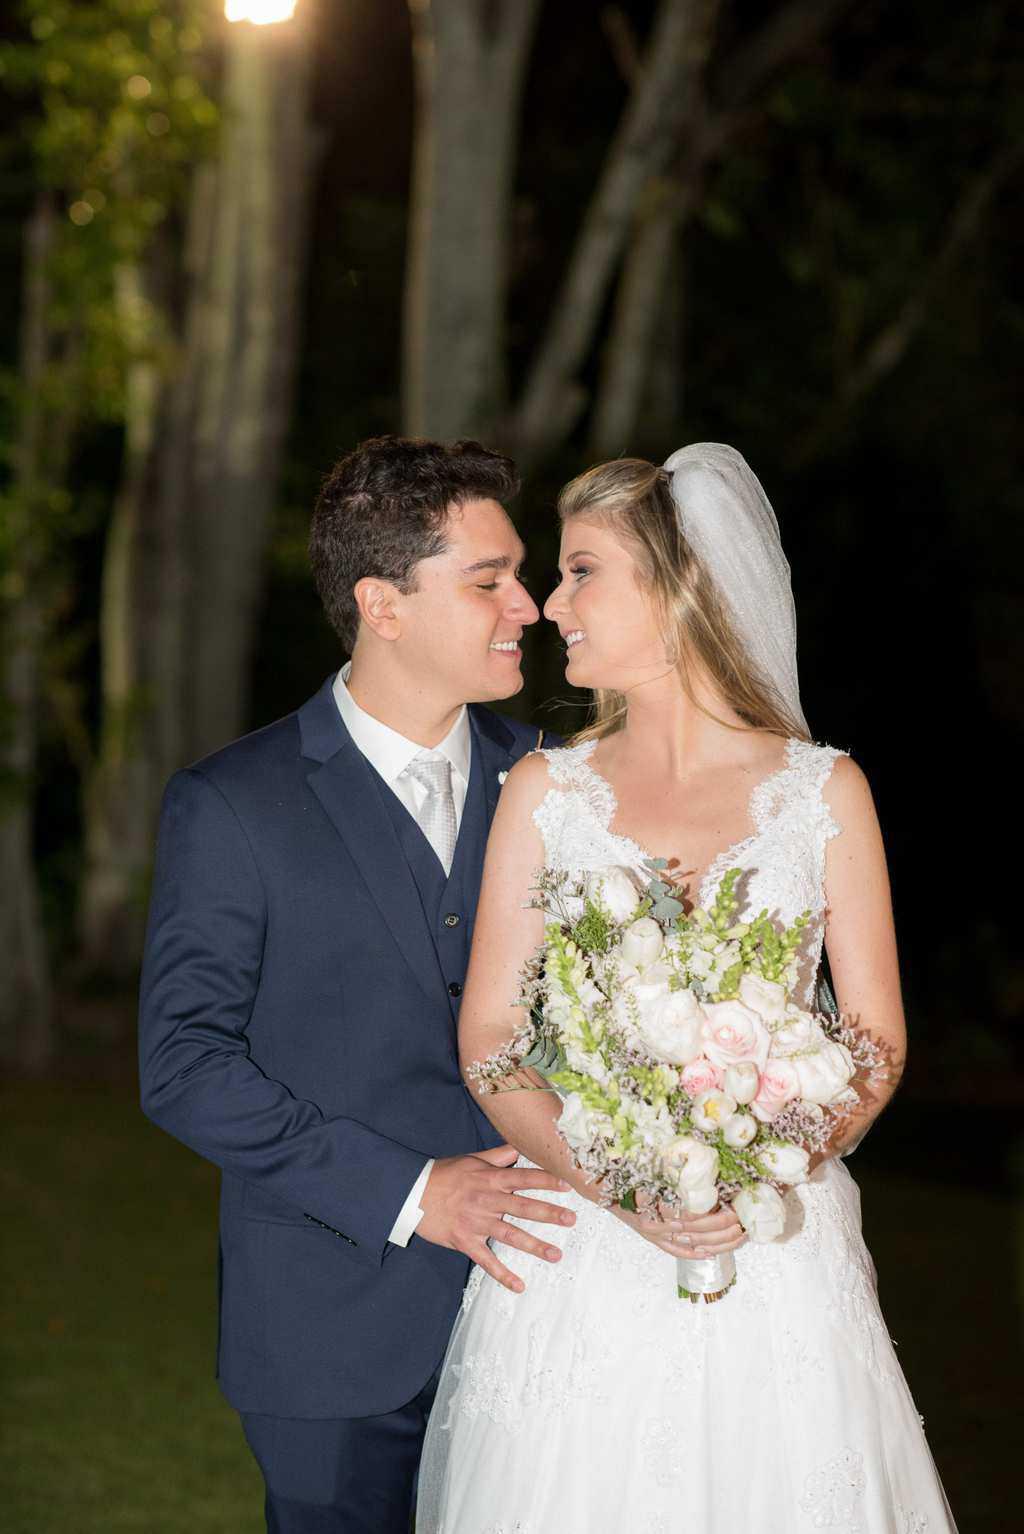 casamento-de-dia-casamento-Nicole-e-Thales-casamento-no-jardim-csasamento-ao-ar-livre-Fotografia-Marina-Fava-Galeria-Jardim-Rio-de-Janeiro-99